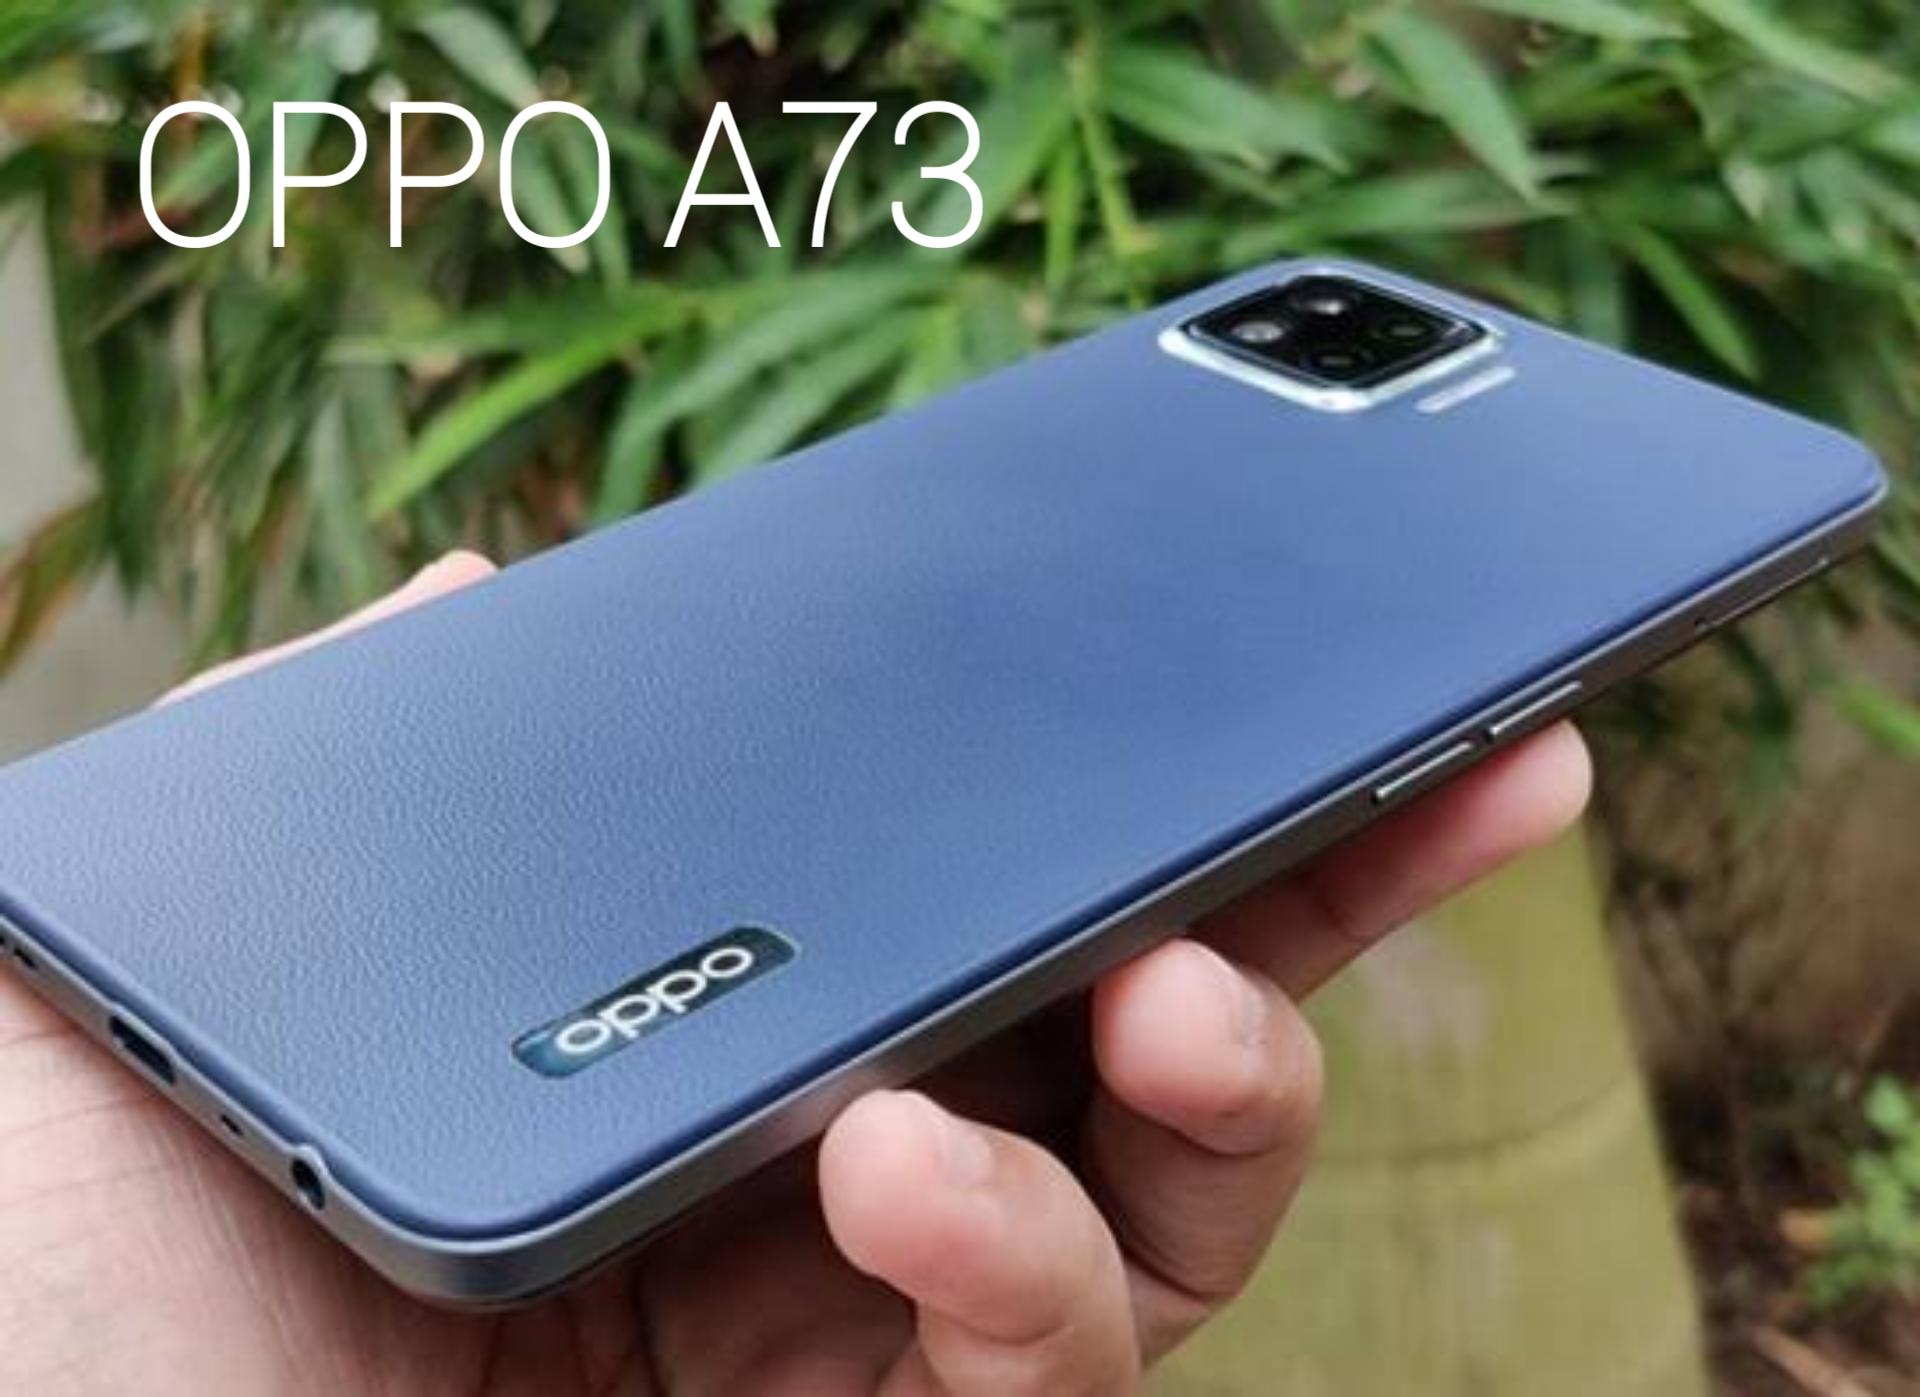 سعر ومواصفات موبايل اوبو a73 مميزات OPPO